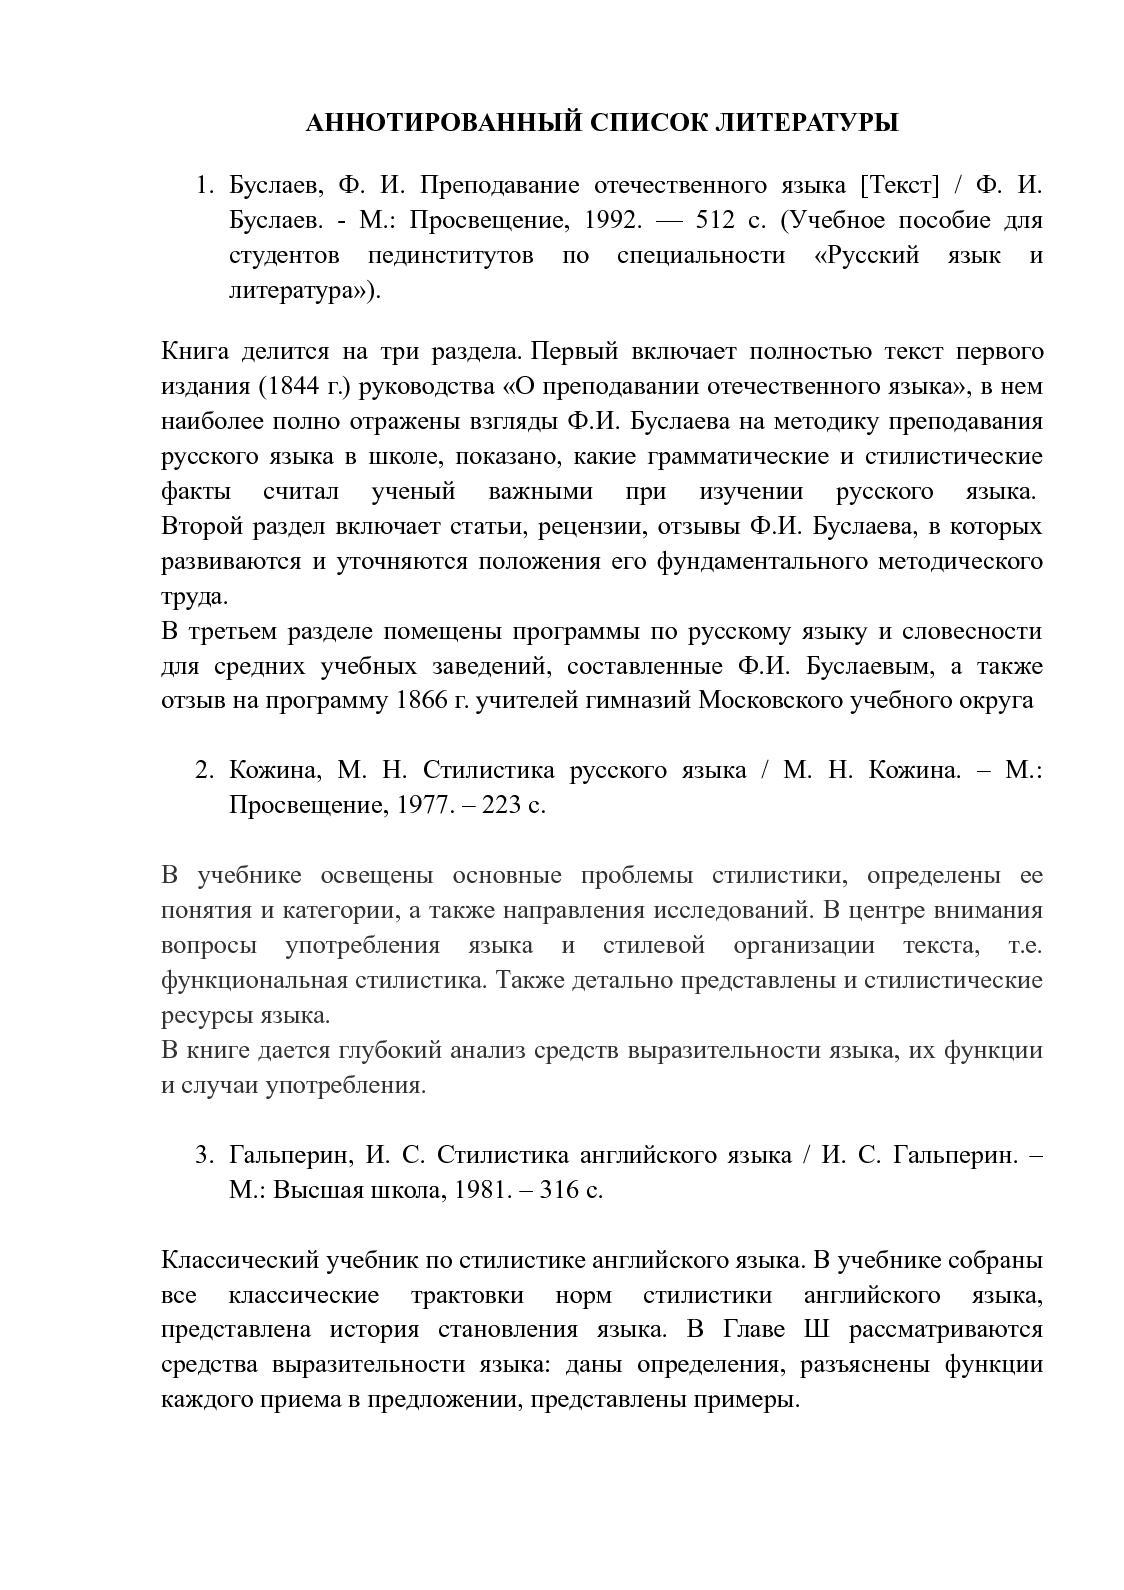 анализ английской статьи на русском